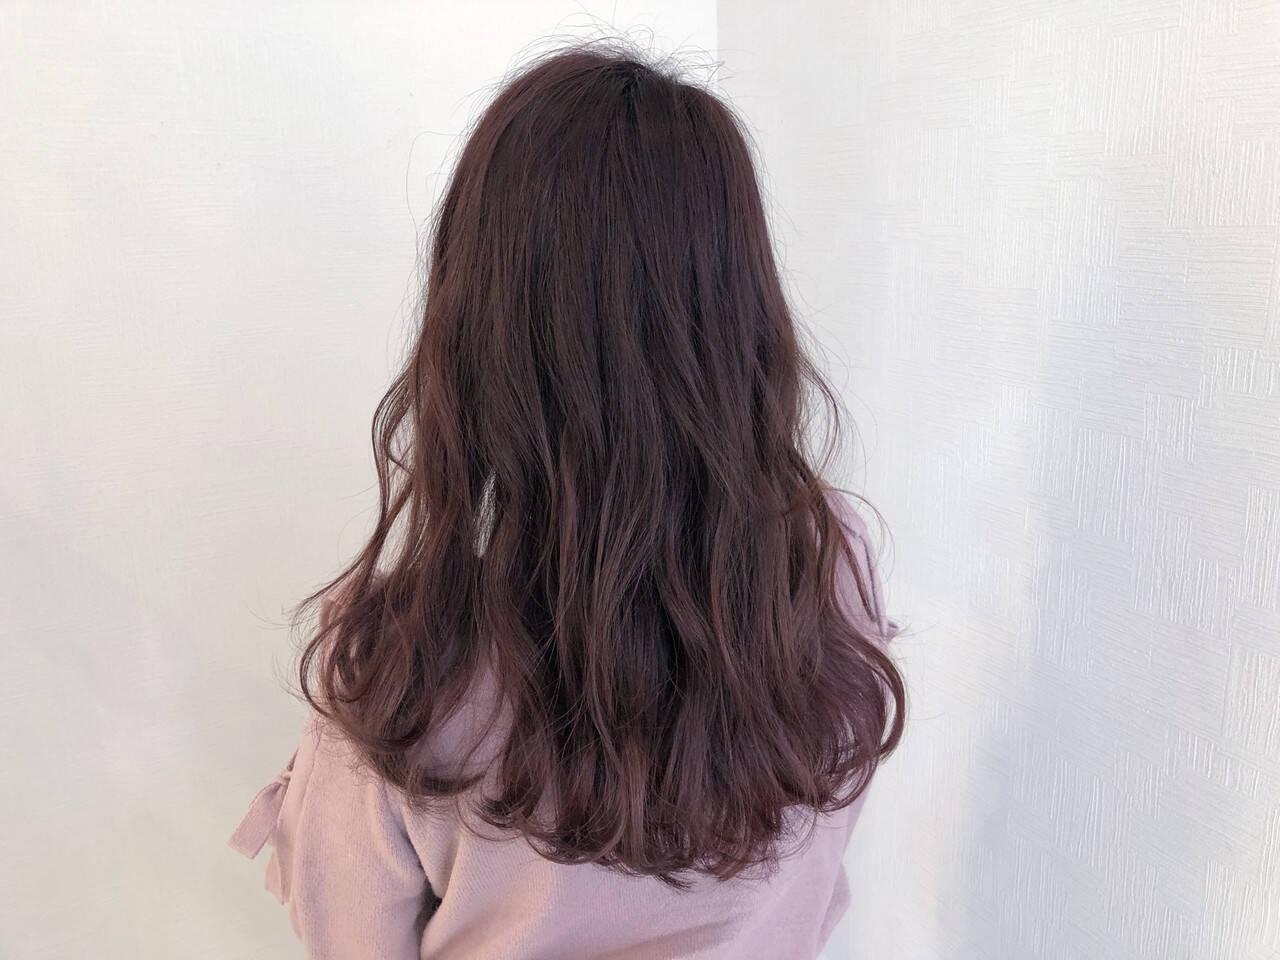 ナチュラル ヘアアレンジ 簡単ヘアアレンジ セミロングヘアスタイルや髪型の写真・画像